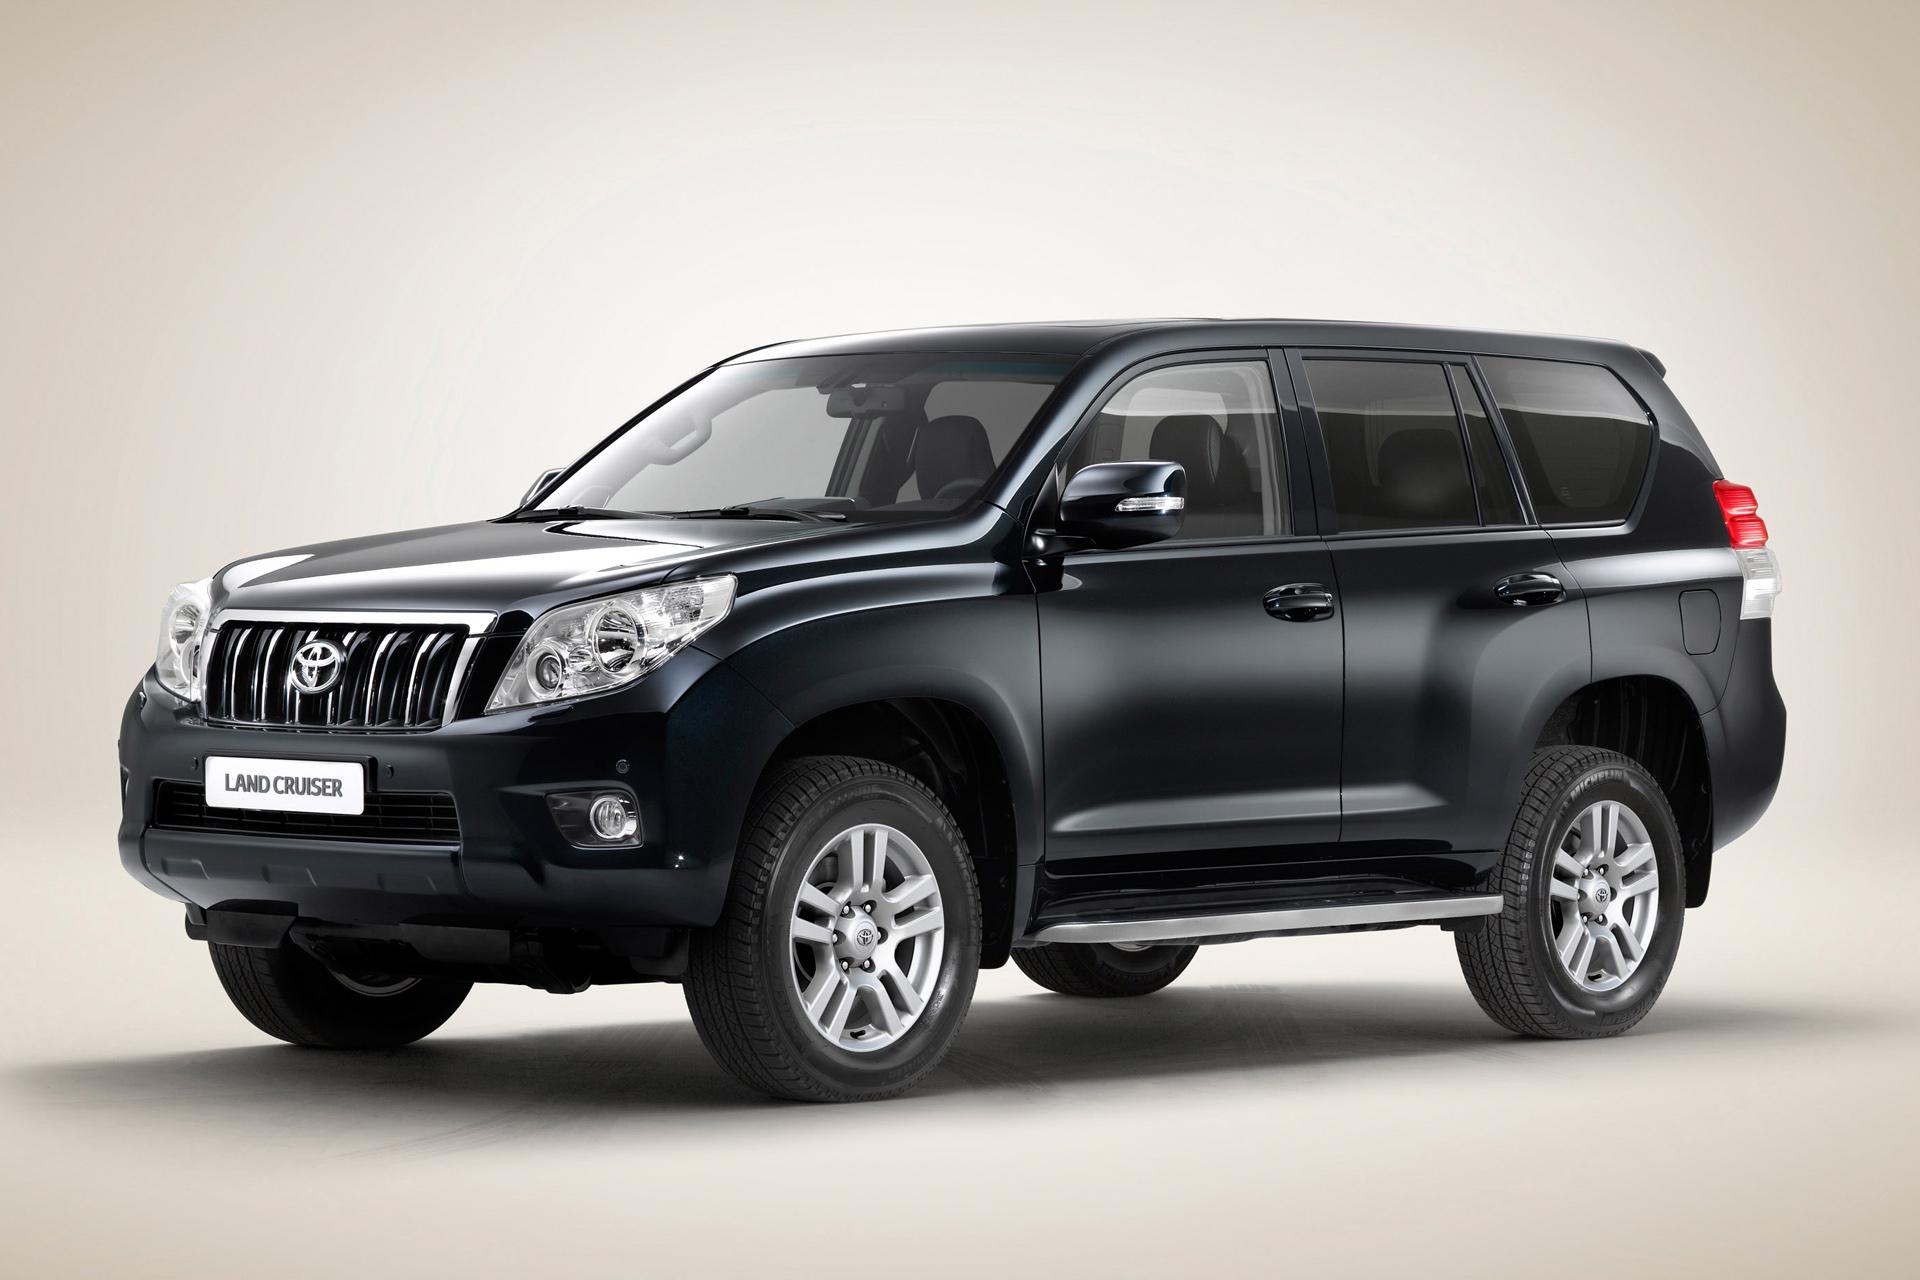 Toyota Việt Nam thu hồi 126 chiếc Land Cruiser Prado và Hiace